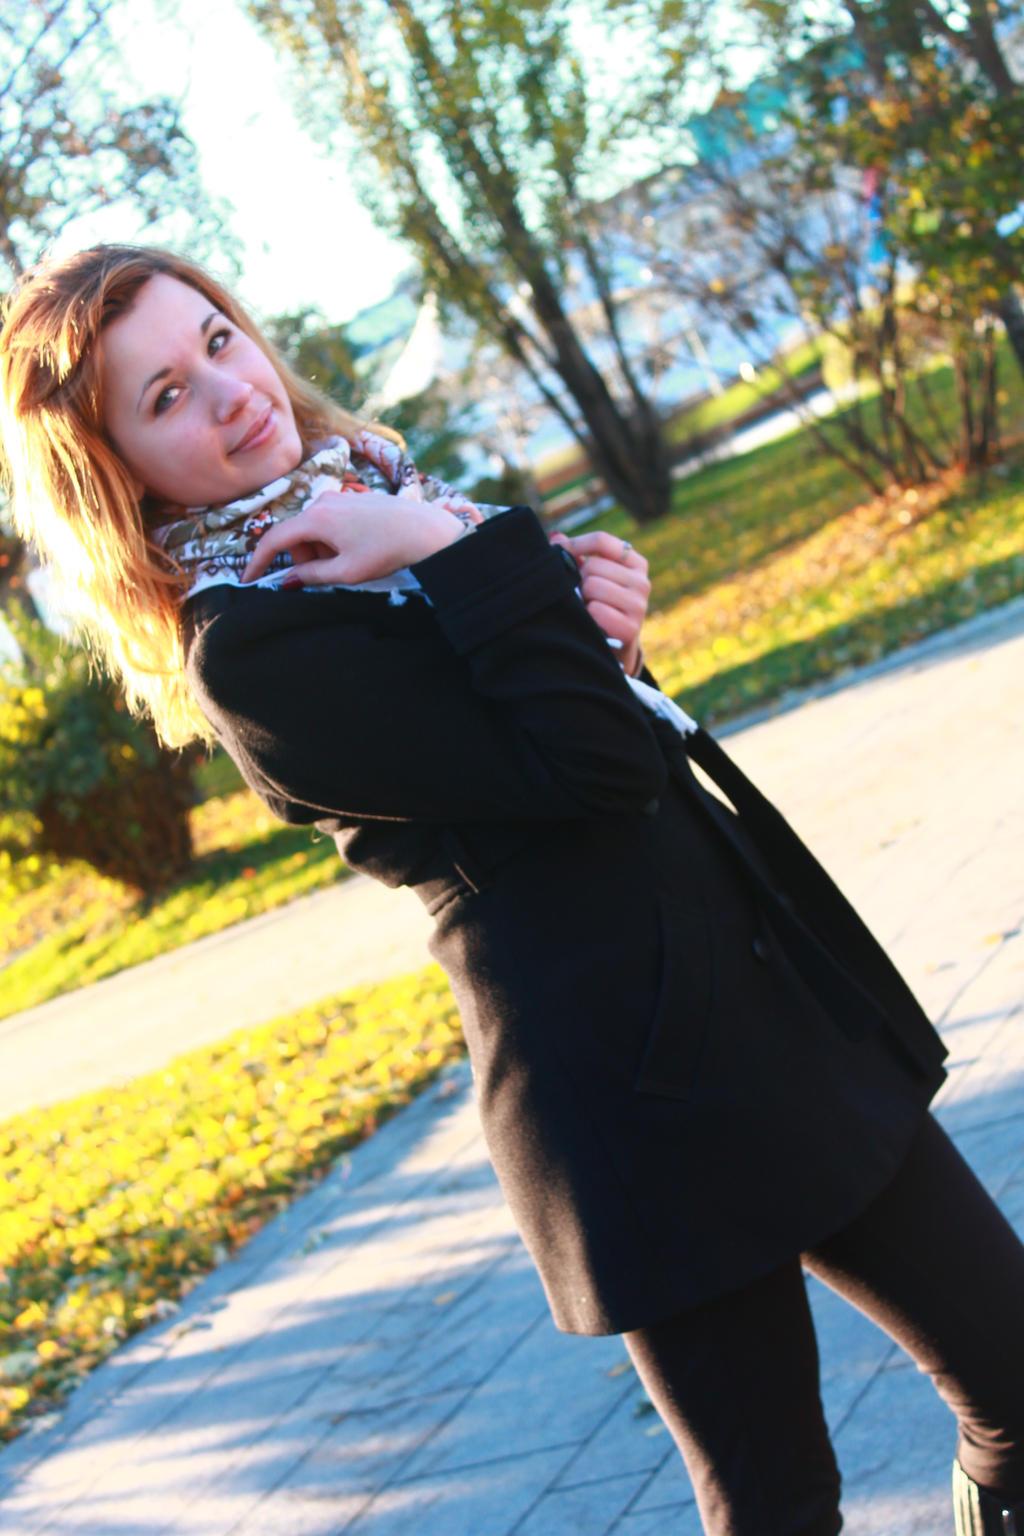 NY-Sema's Profile Picture